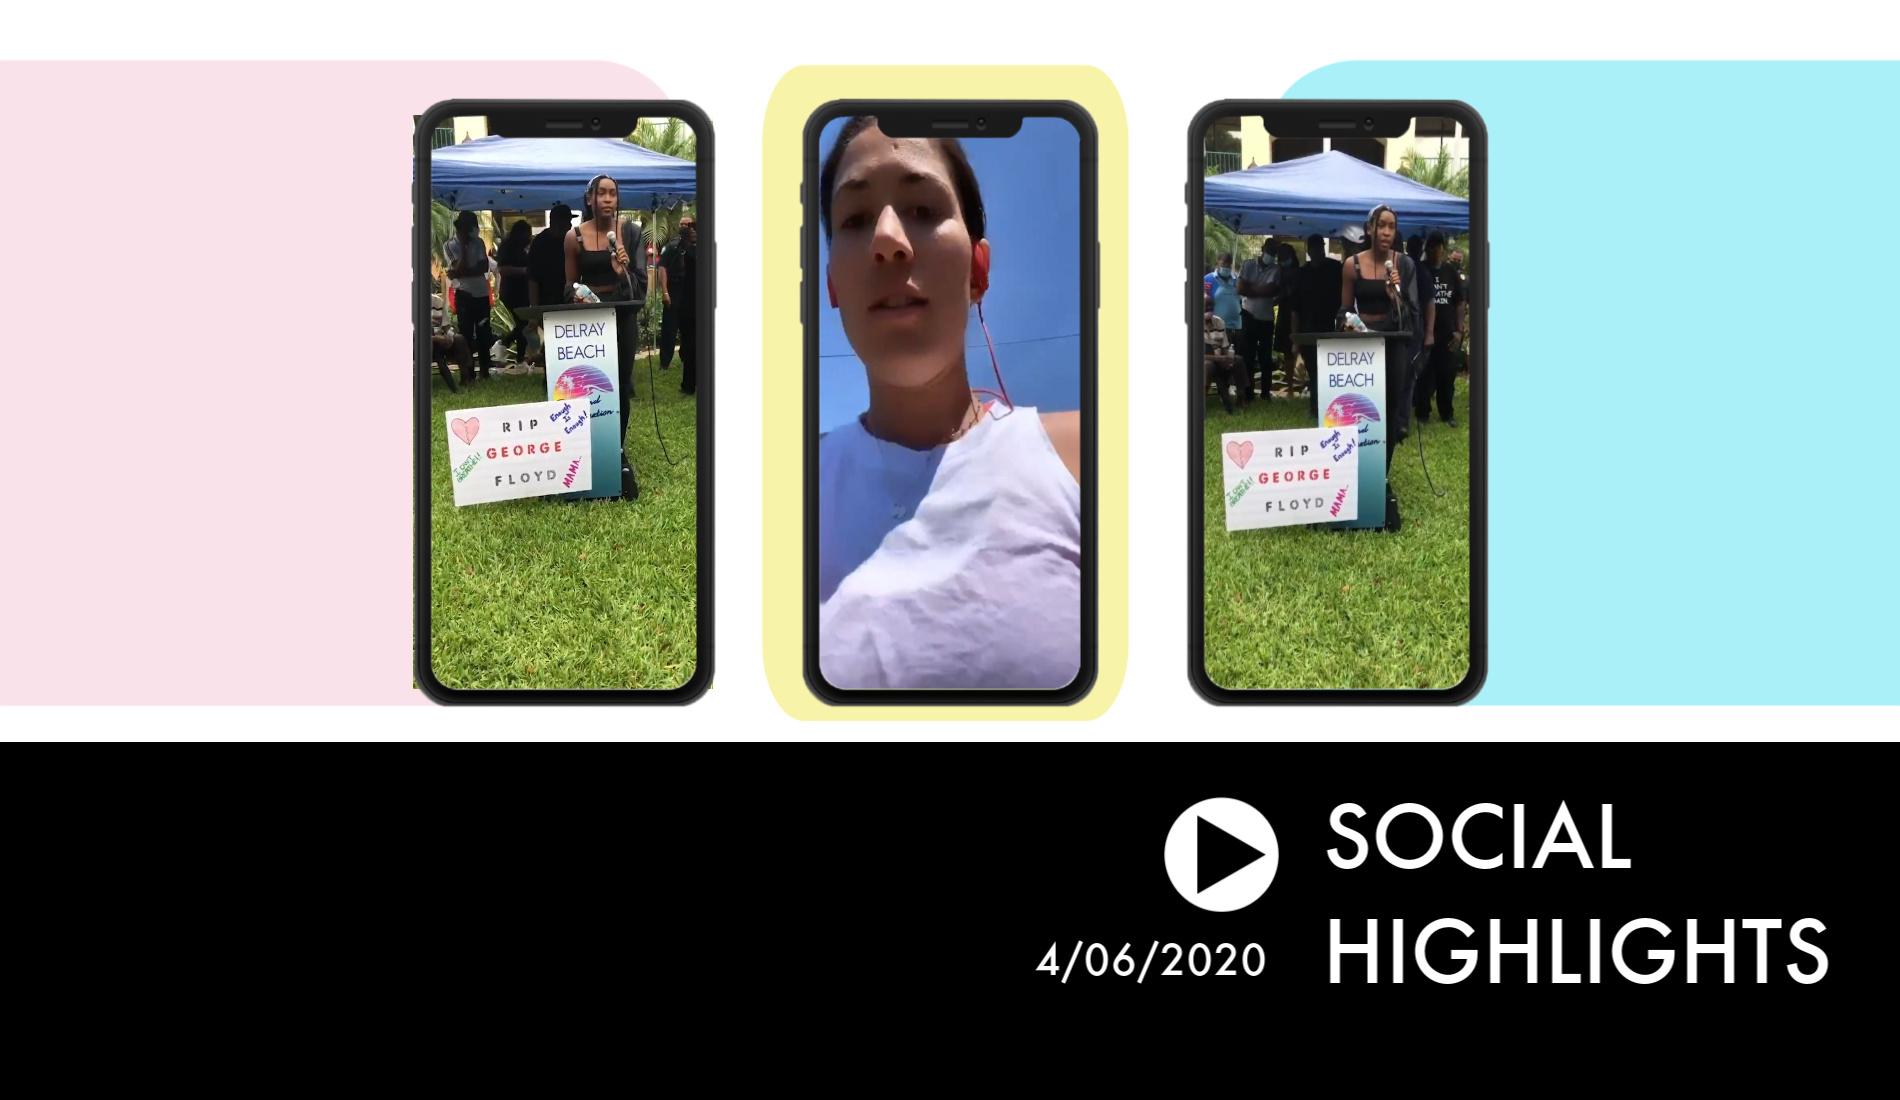 Social Highlights